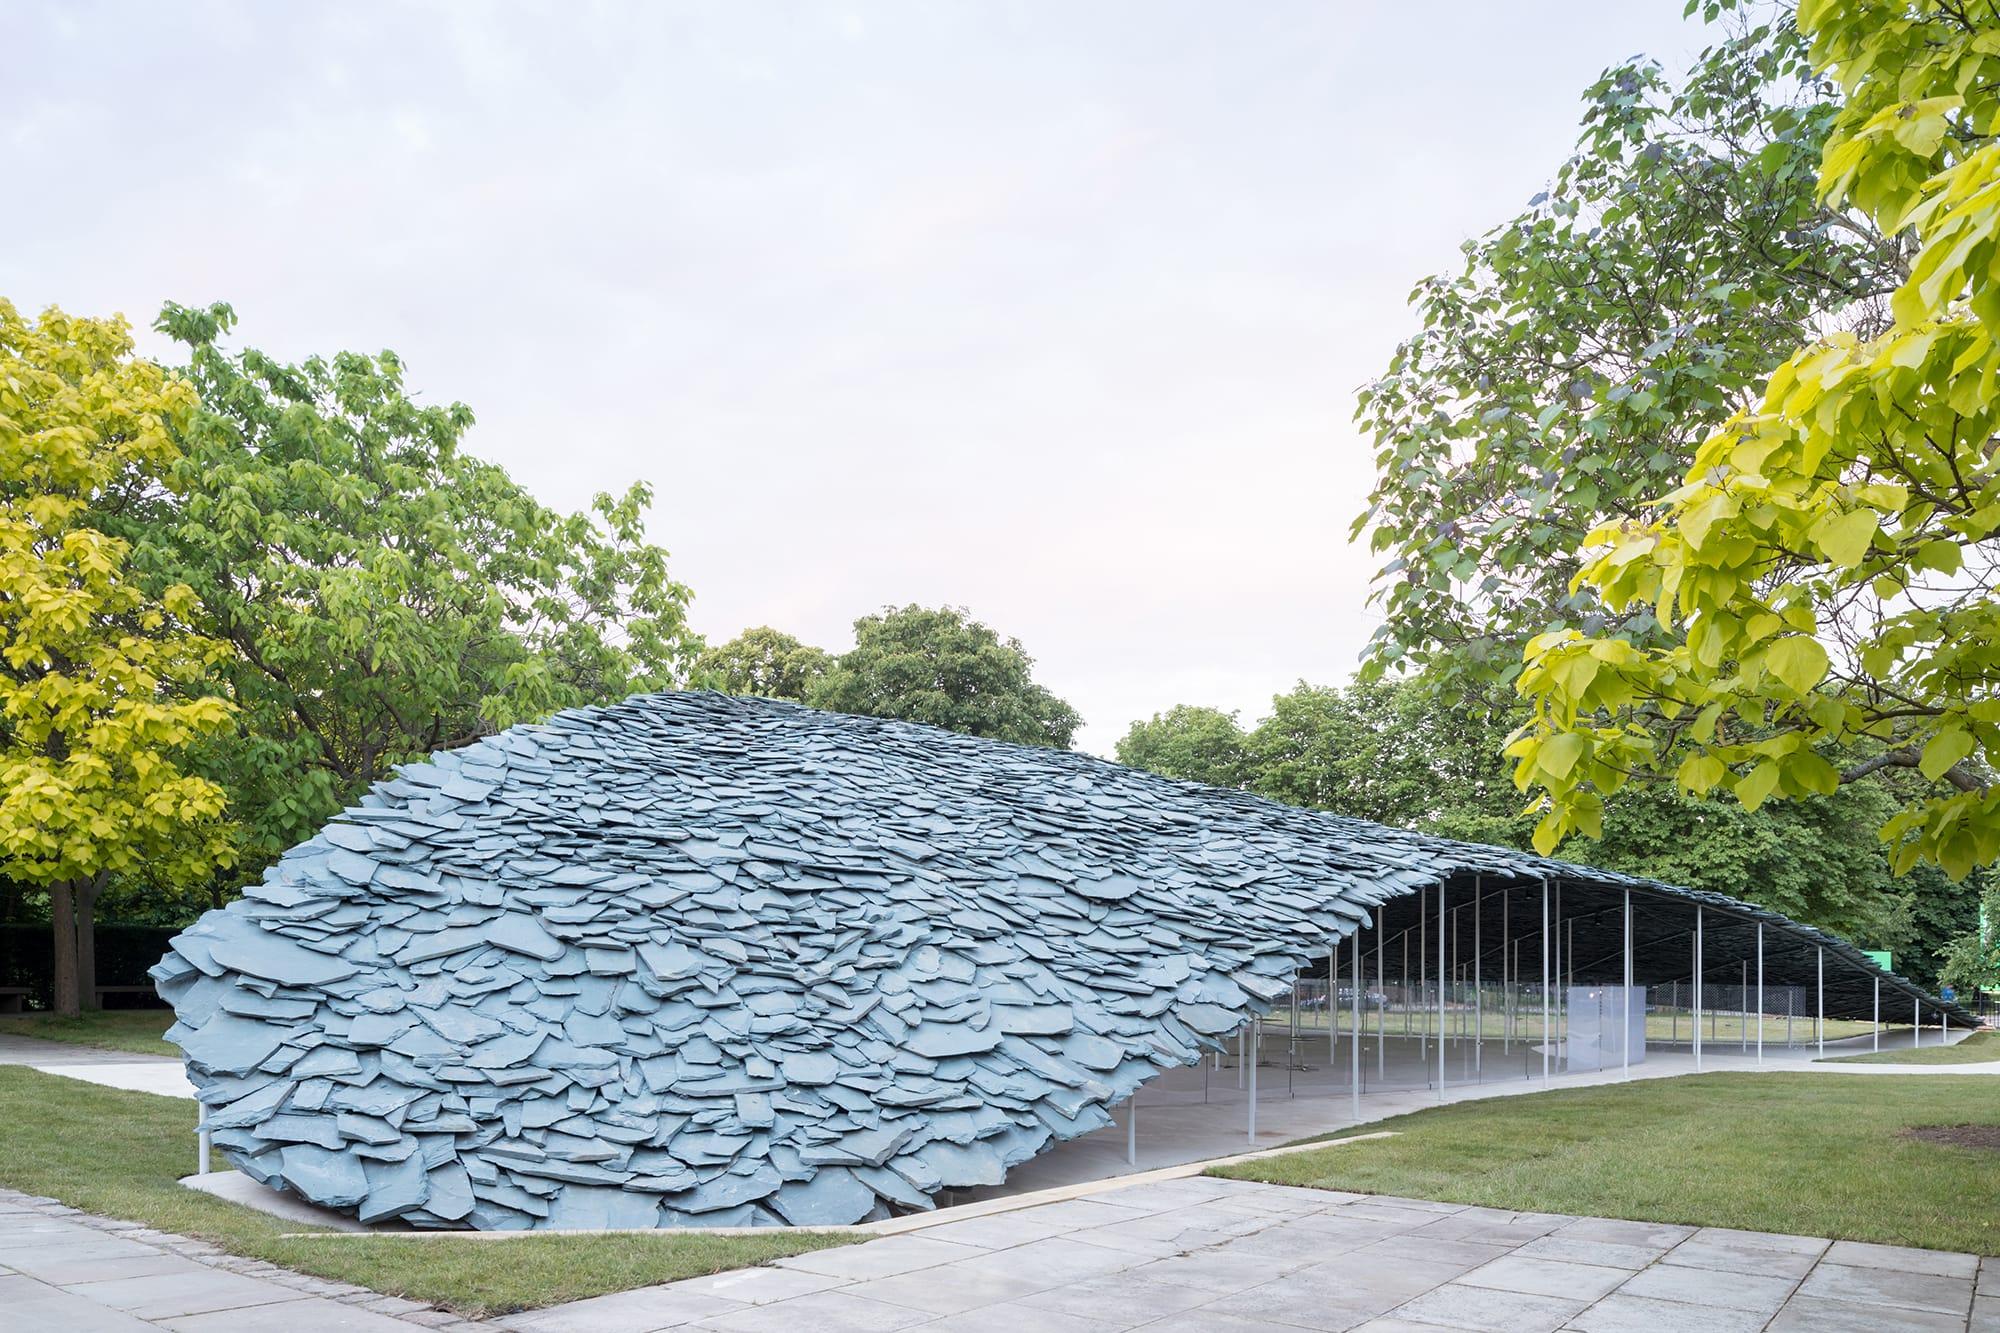 2019年のサーペンタインギャラリー・パビリオンのデザインを担当した石上。106本のスチール製の細い柱が何層も積み重ねた平らな石の屋根を支えている。 Serpentine Pavilion 2019 Designed by Junya Ishigami, Serpentine Gallery, London (21 June – 6 October 2019), © Junya Ishigami + Associates, Photography © 2019 Iwan Baan